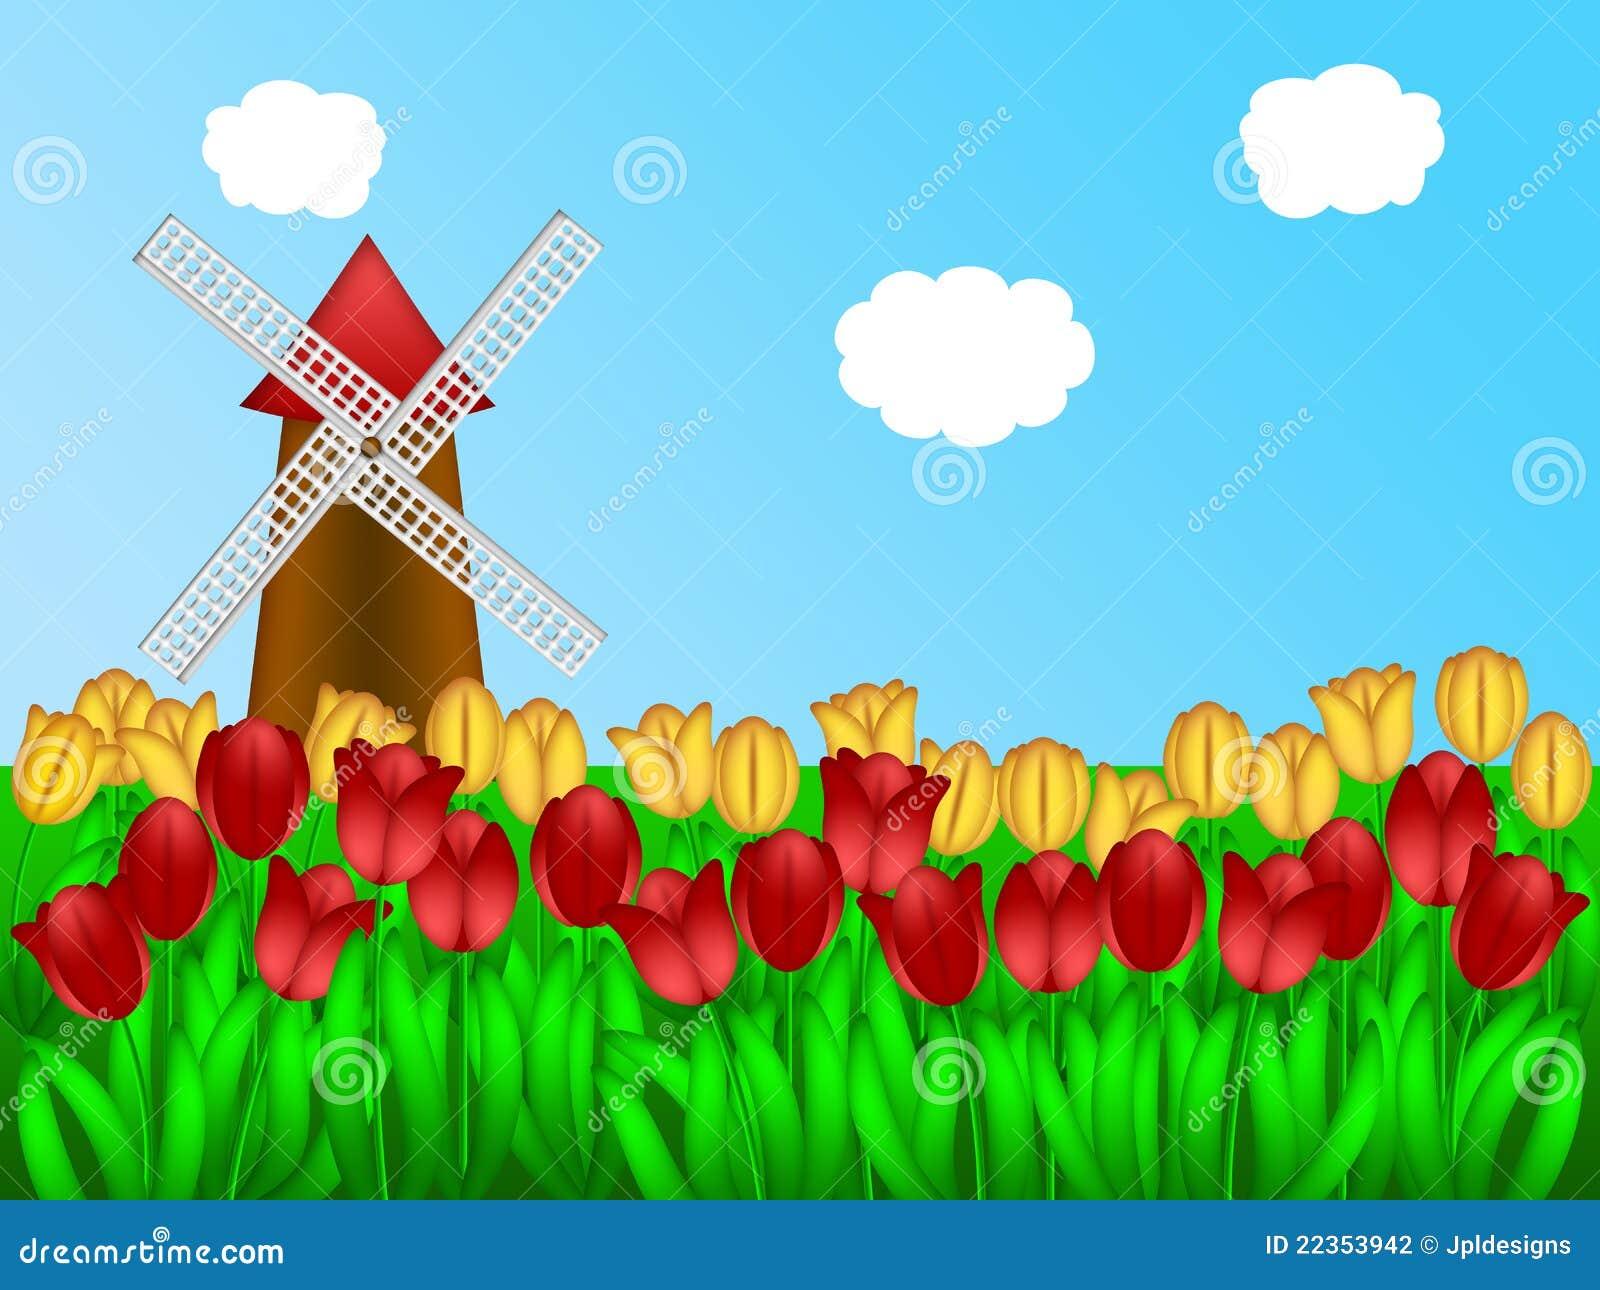 Dutch Windmill In Tulips Field Farm Illustration Stock